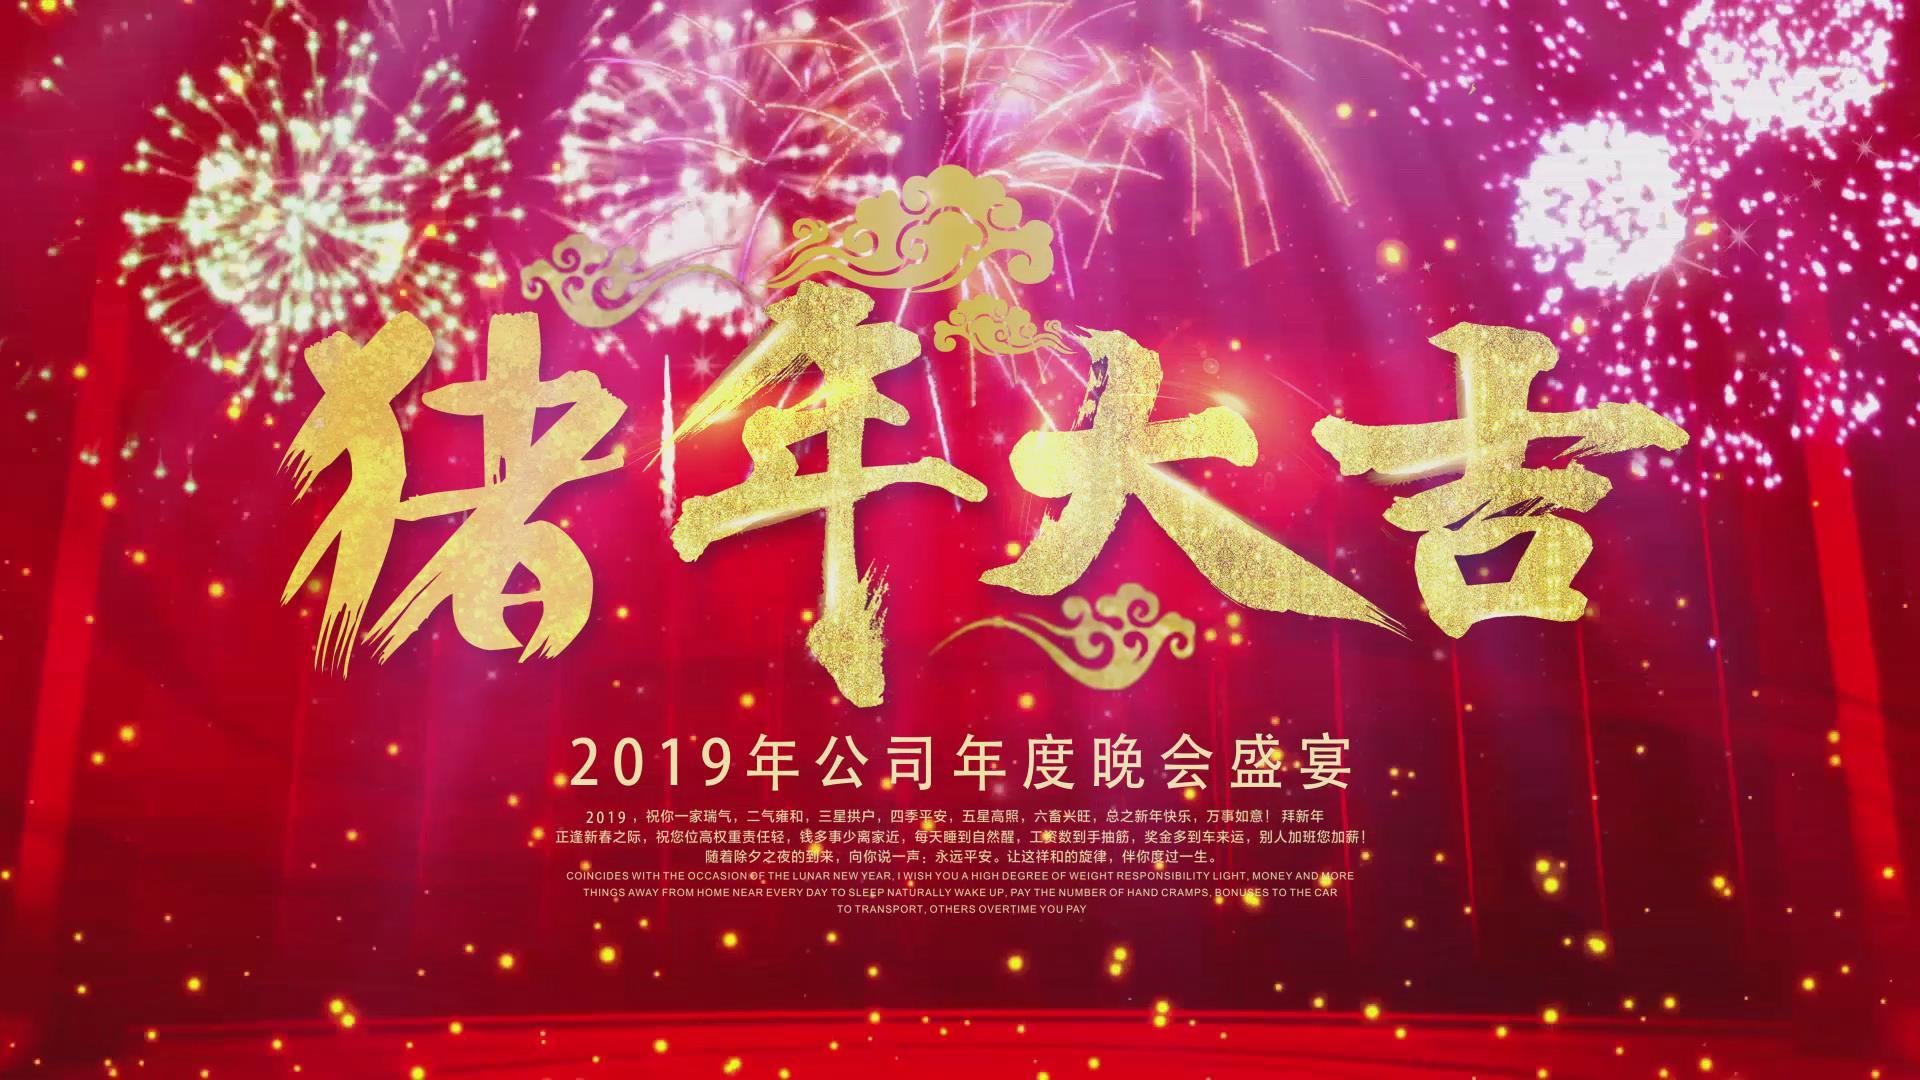 中国风2019猪年大吉AE模板